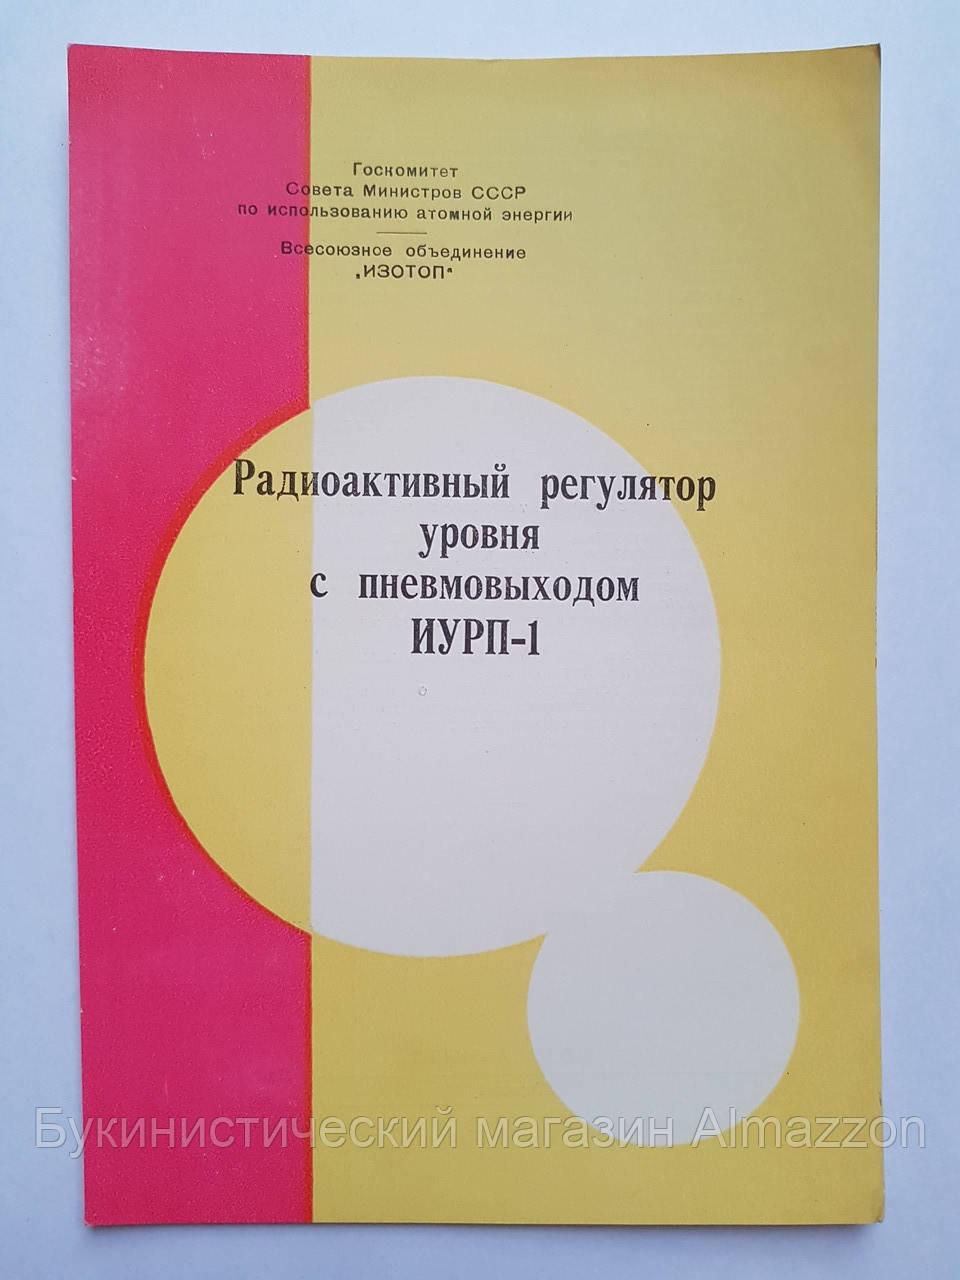 Реклама ВДНХ Радиоактивный регулятор уровня с пневмовыходом ИУРП-1